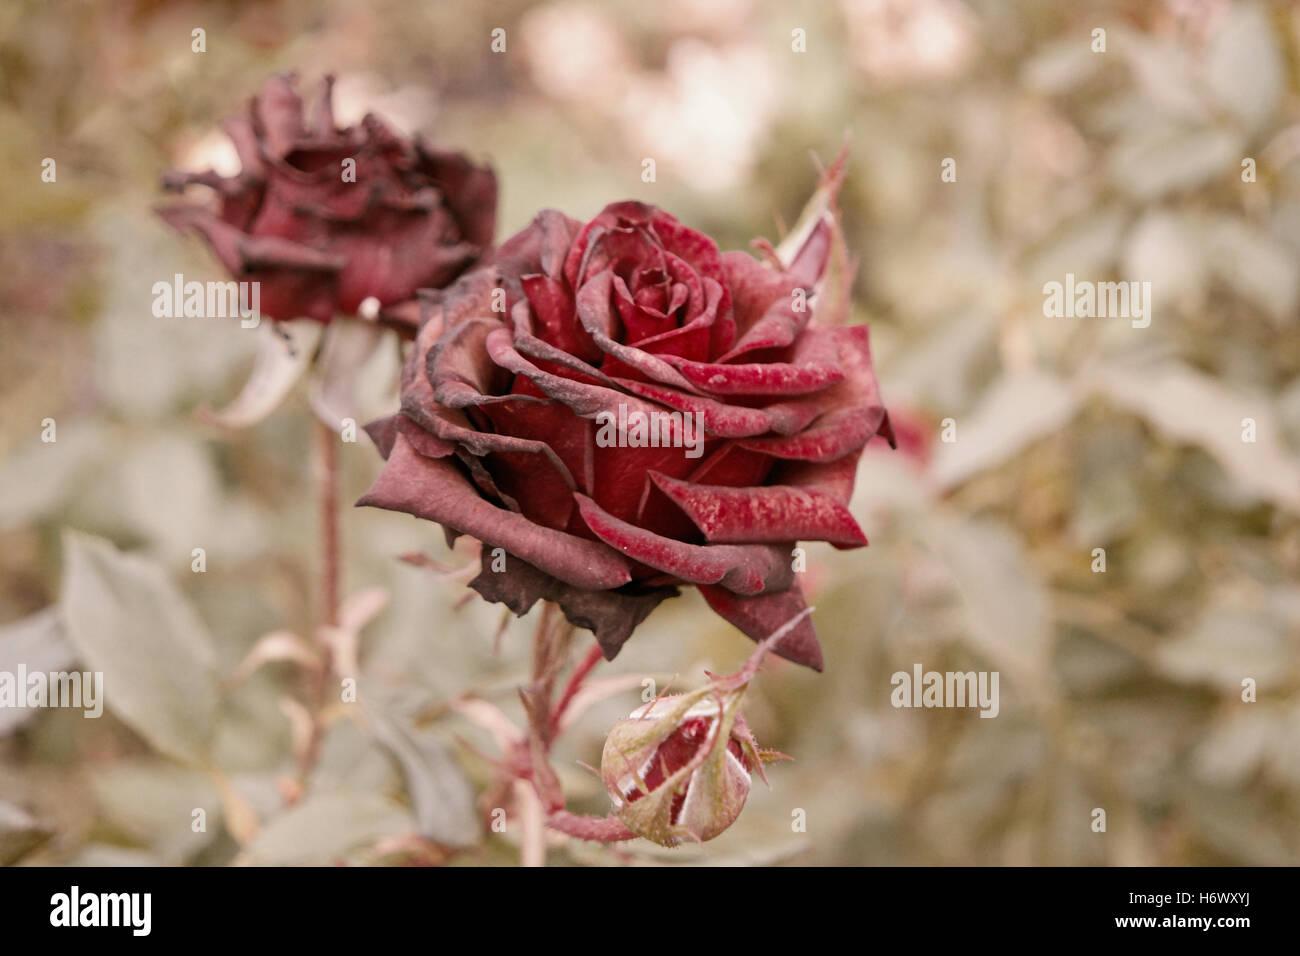 tiefrote rosen im herbst garten zwei rosen blumen sterben im herbst viel platz f r text. Black Bedroom Furniture Sets. Home Design Ideas